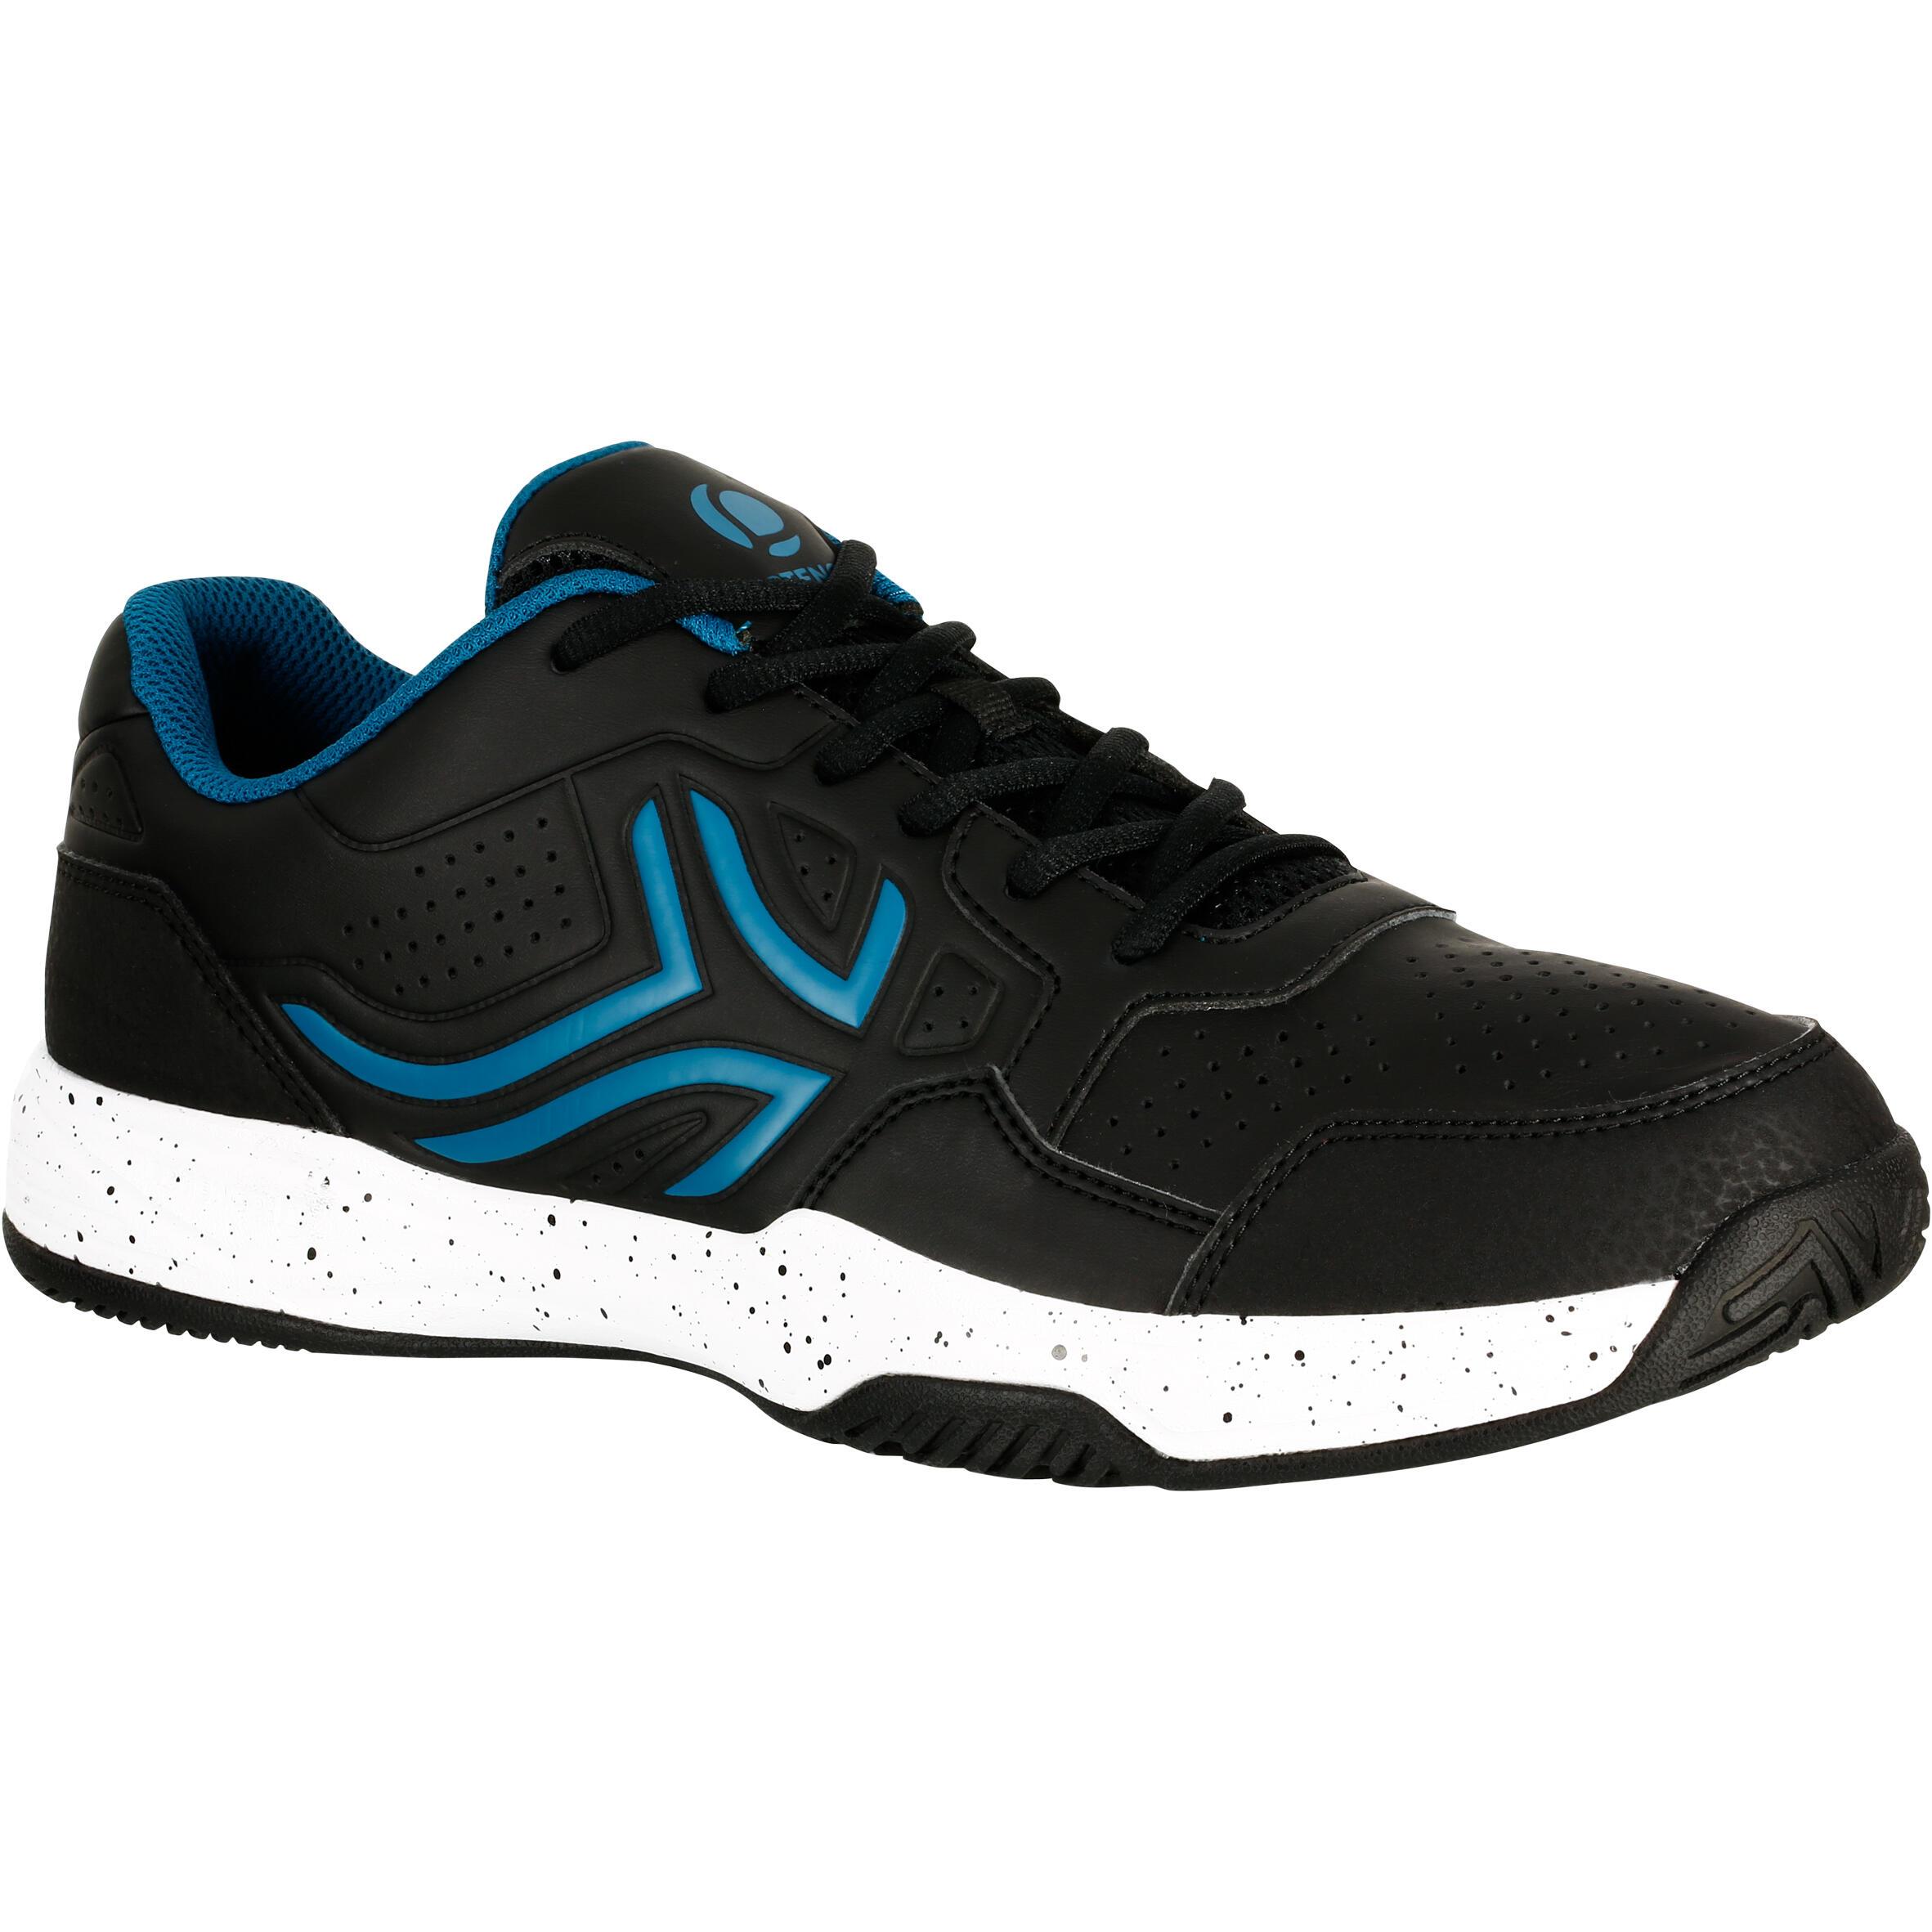 Artengo Tennisschoenen voor heren TS190 zwart multicourt